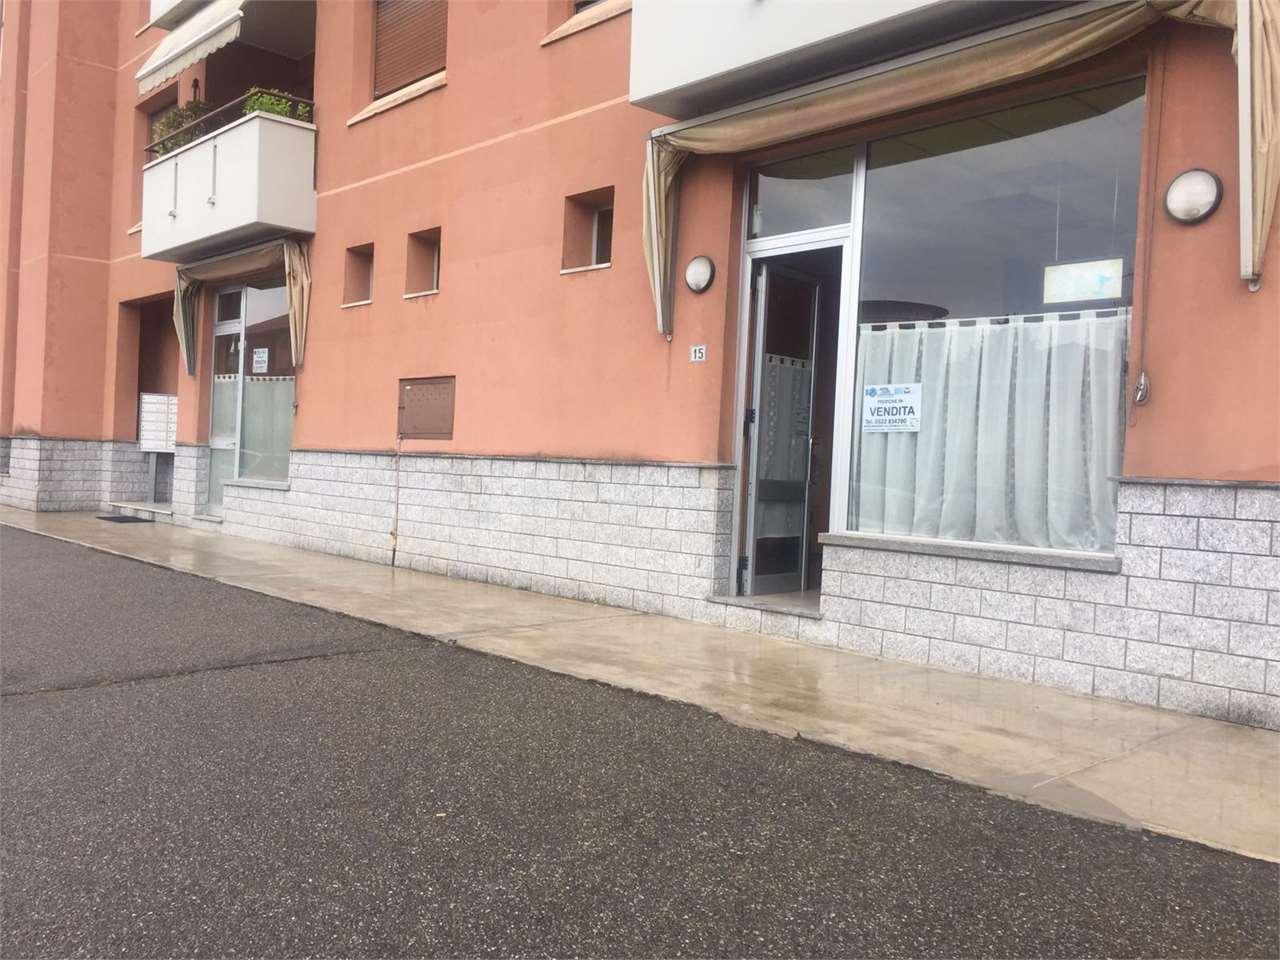 Negozio / Locale in vendita a Borgomanero, 1 locali, prezzo € 95.000   CambioCasa.it